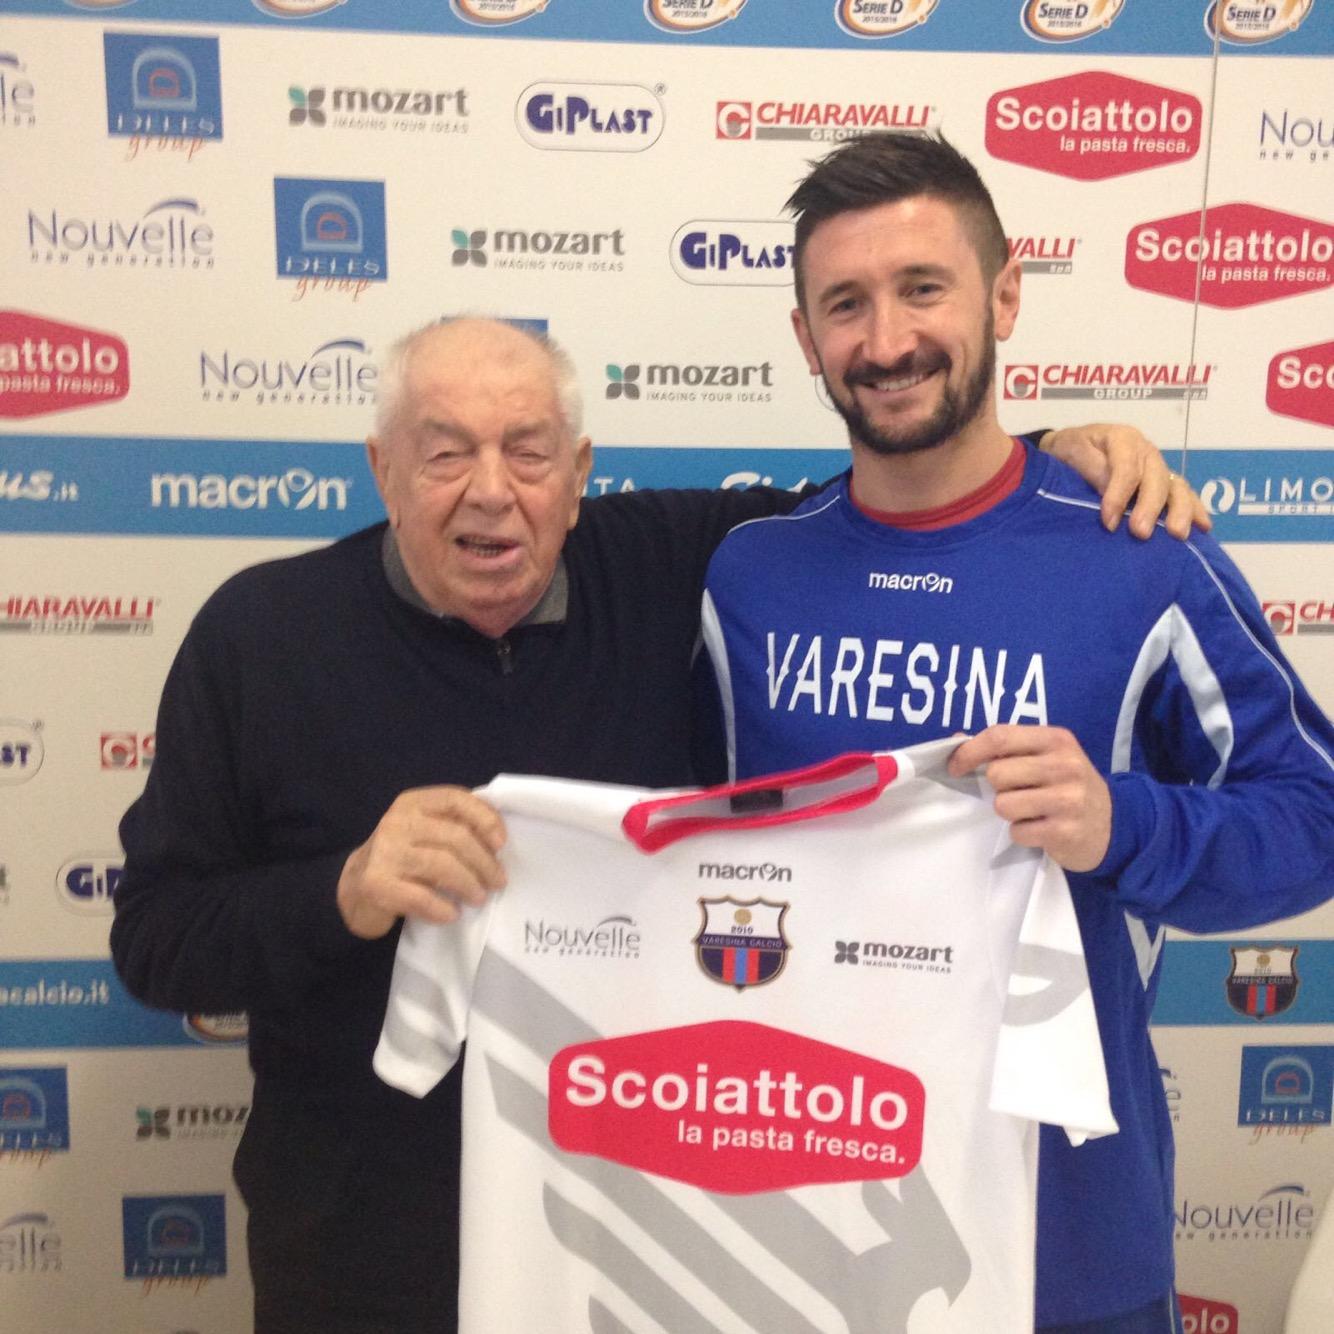 Calciomercato – Varesina incontenibile, ecco un difensore ex Varese